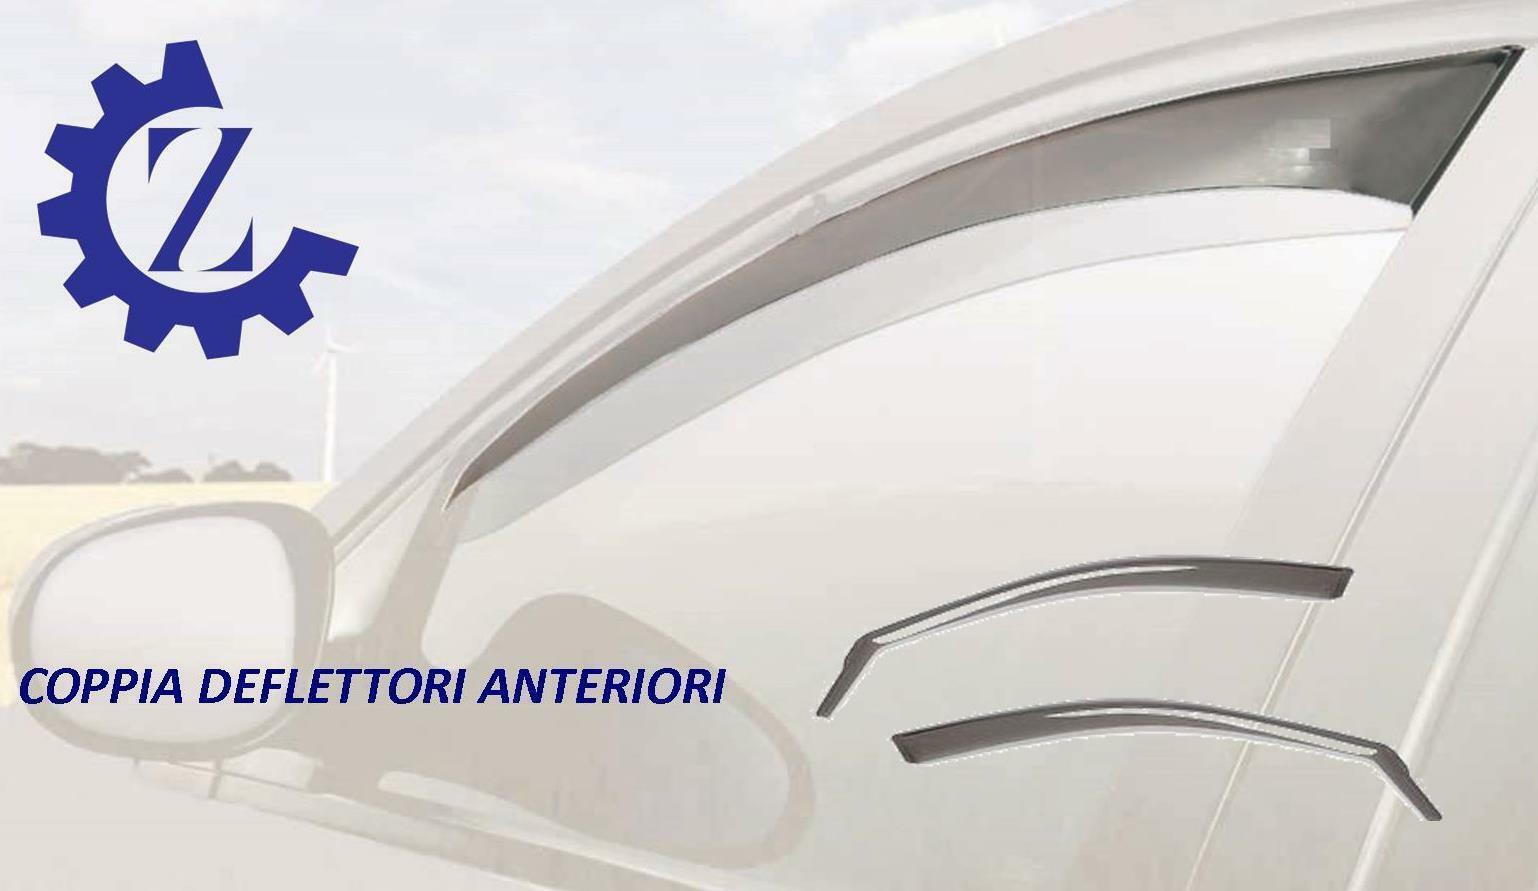 DEFLETTORI ARIA ANTITURBO PER VW POLO 94-